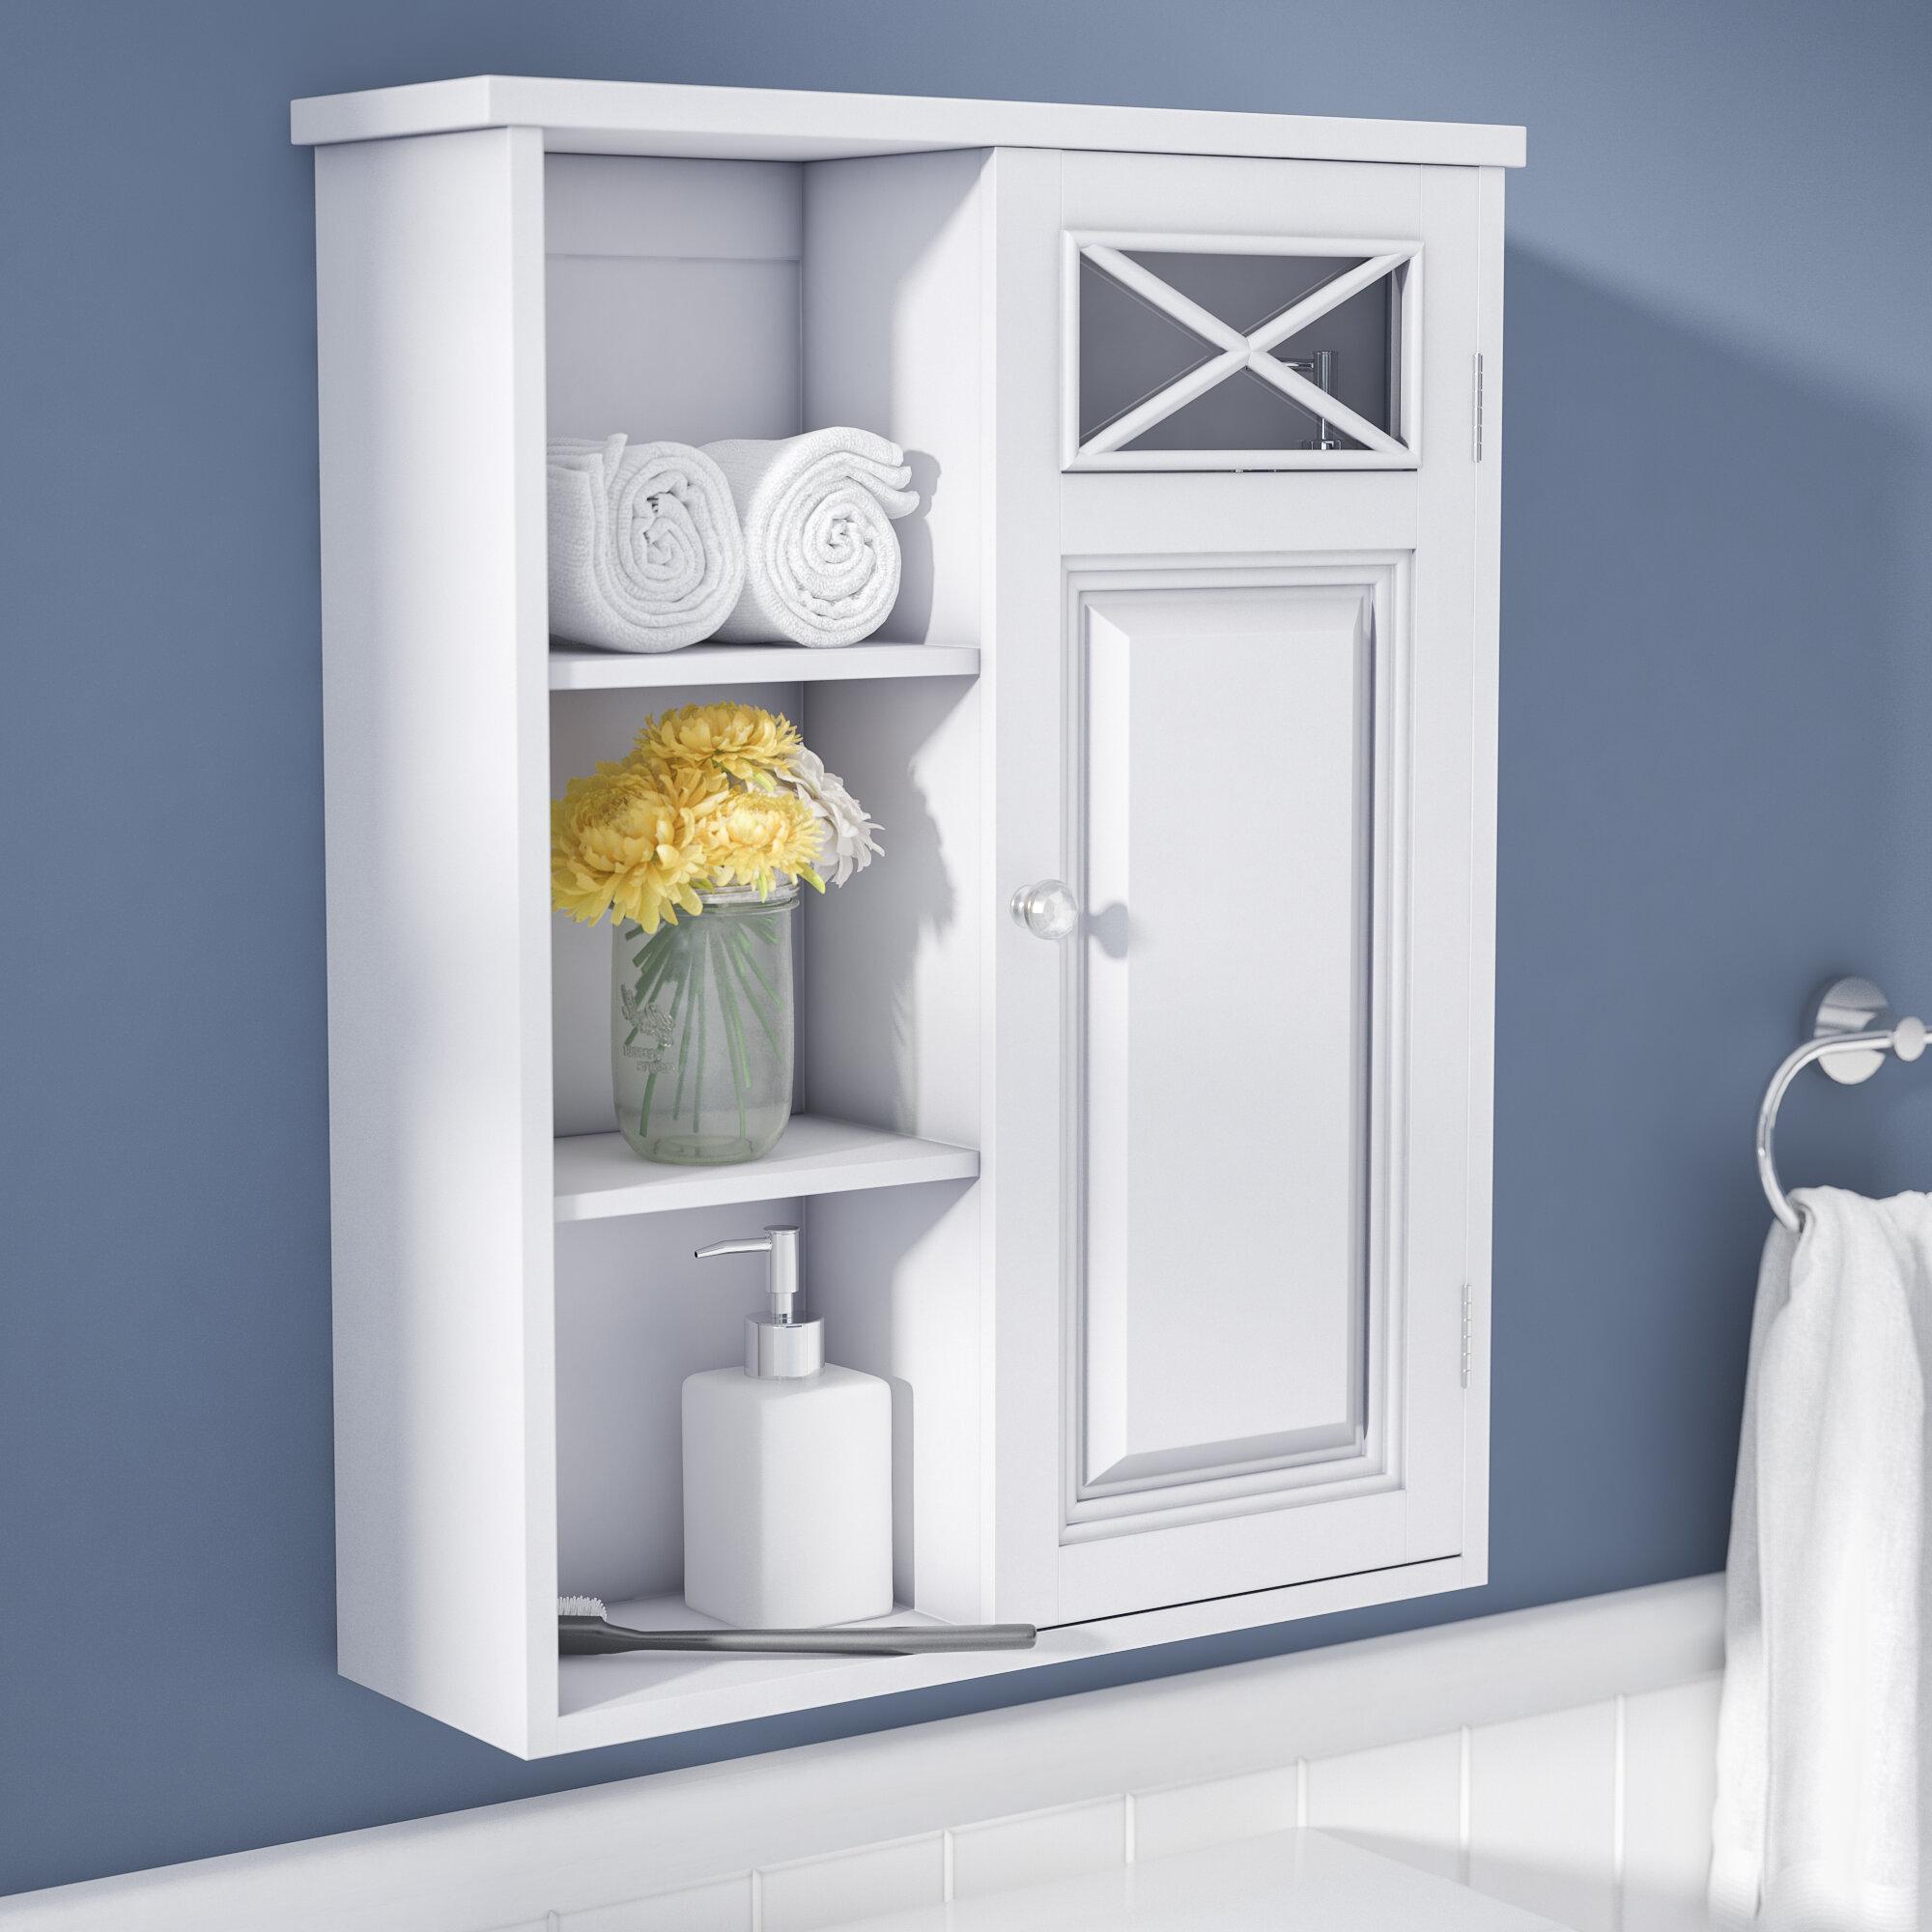 Wall Mounted Bathroom Cabinets You Ll Love In 2021 Wayfair